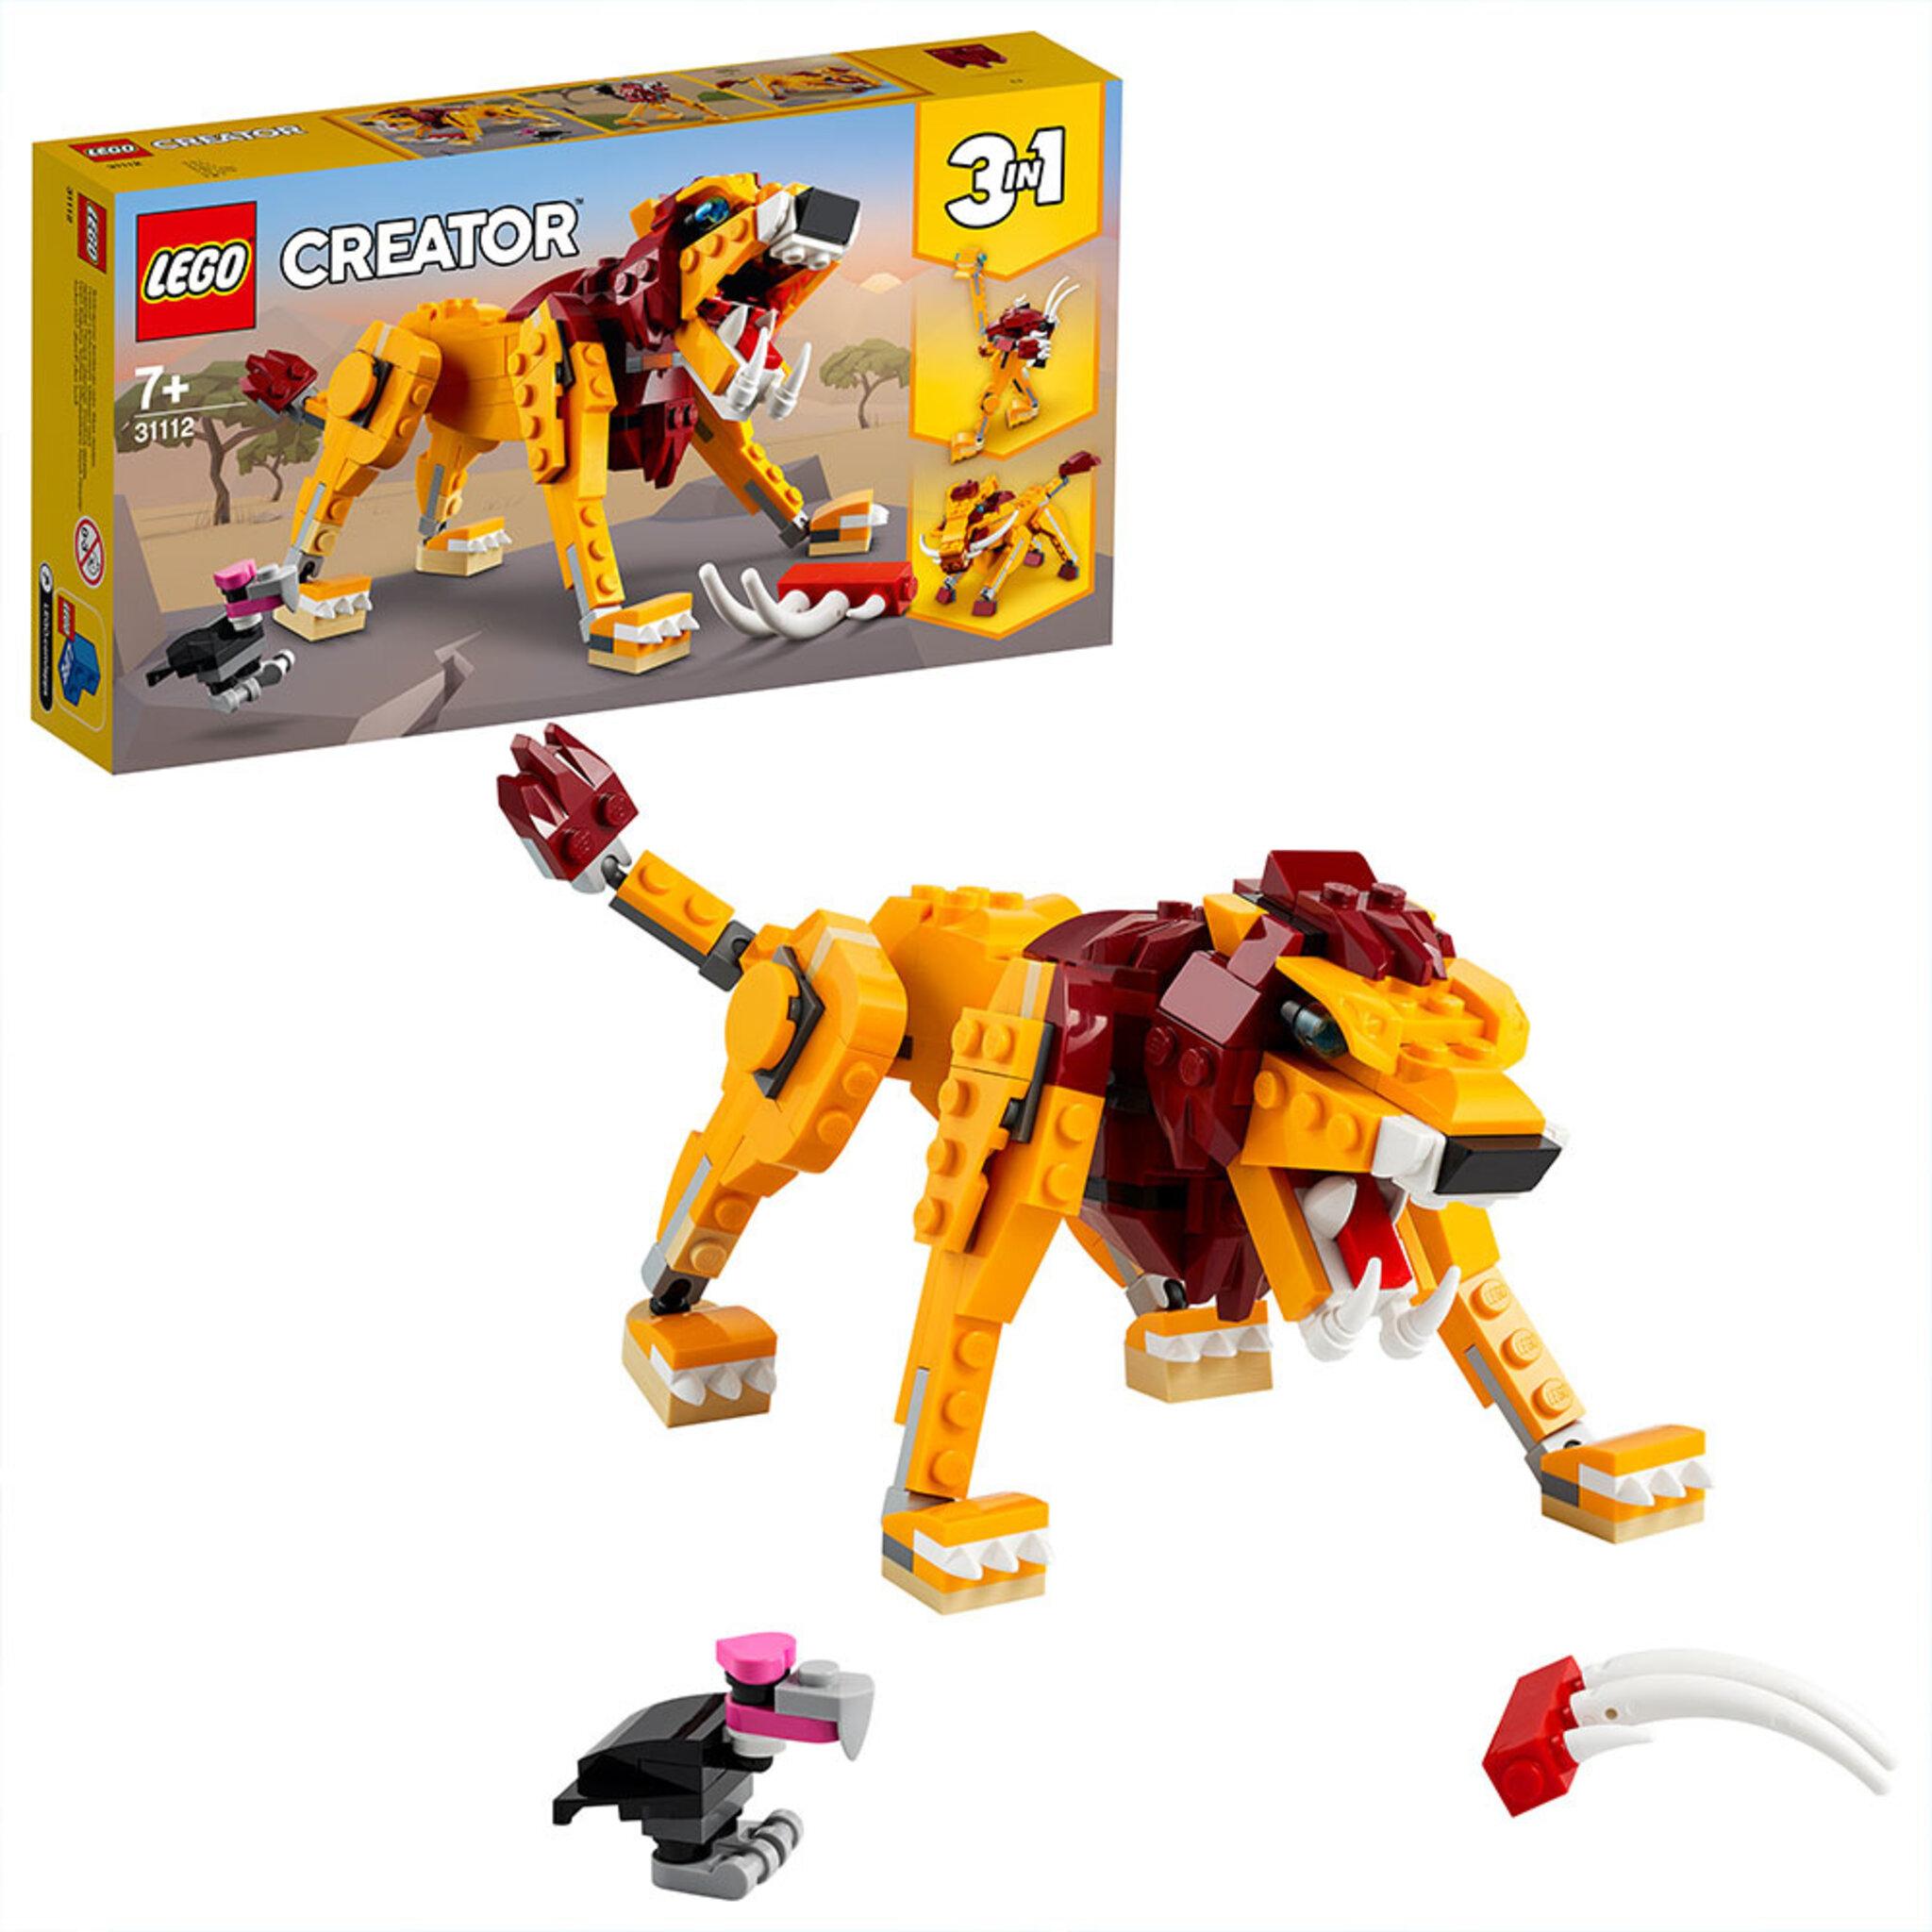 31112 Creator Vilt lejon